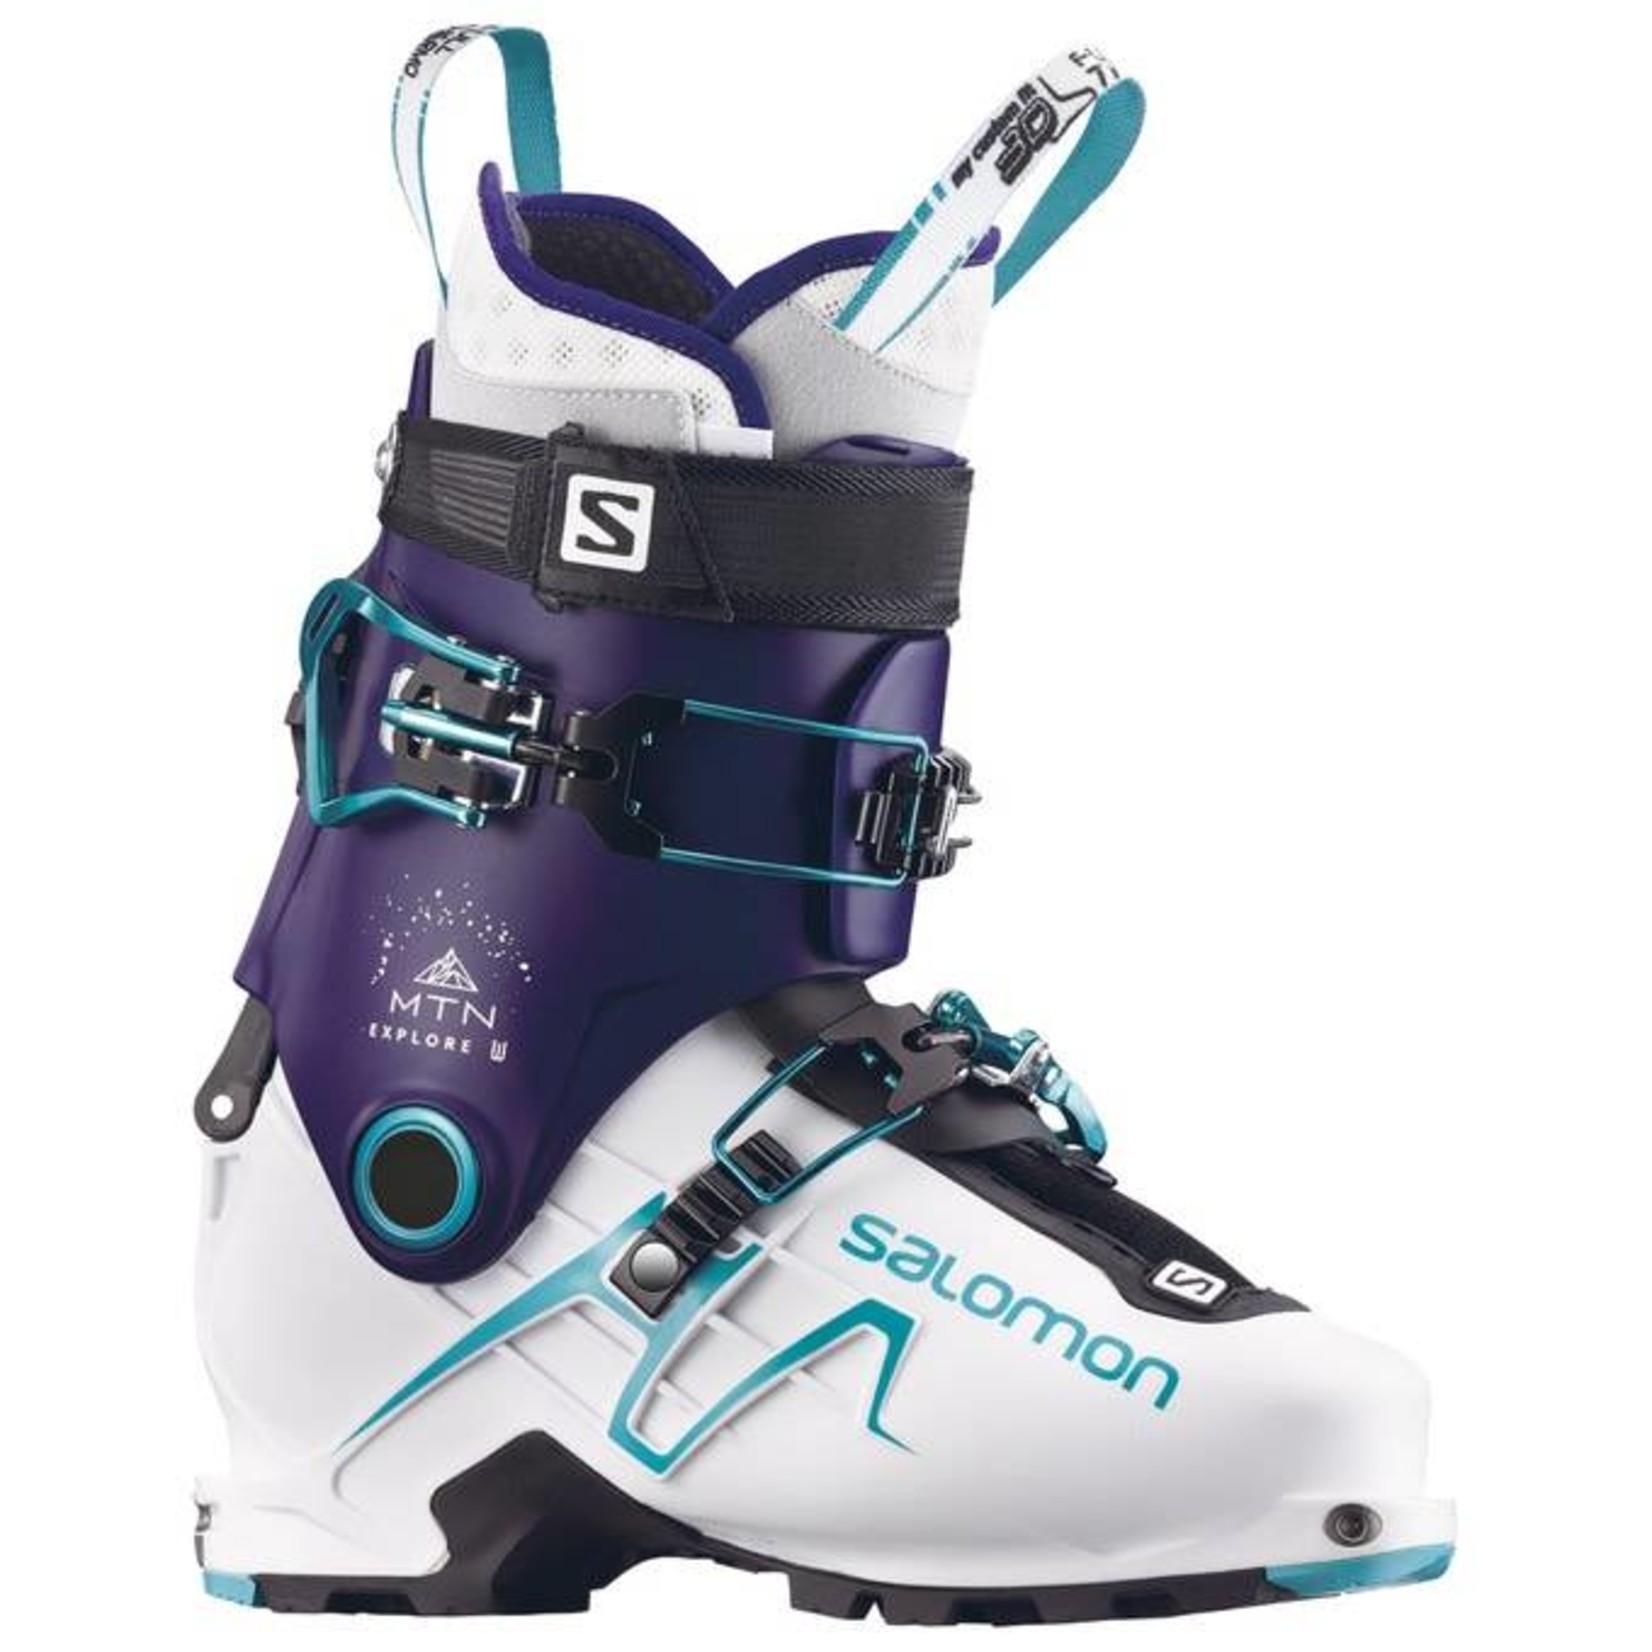 Salomon Botte de ski Salomon MTN Explore - Femmes